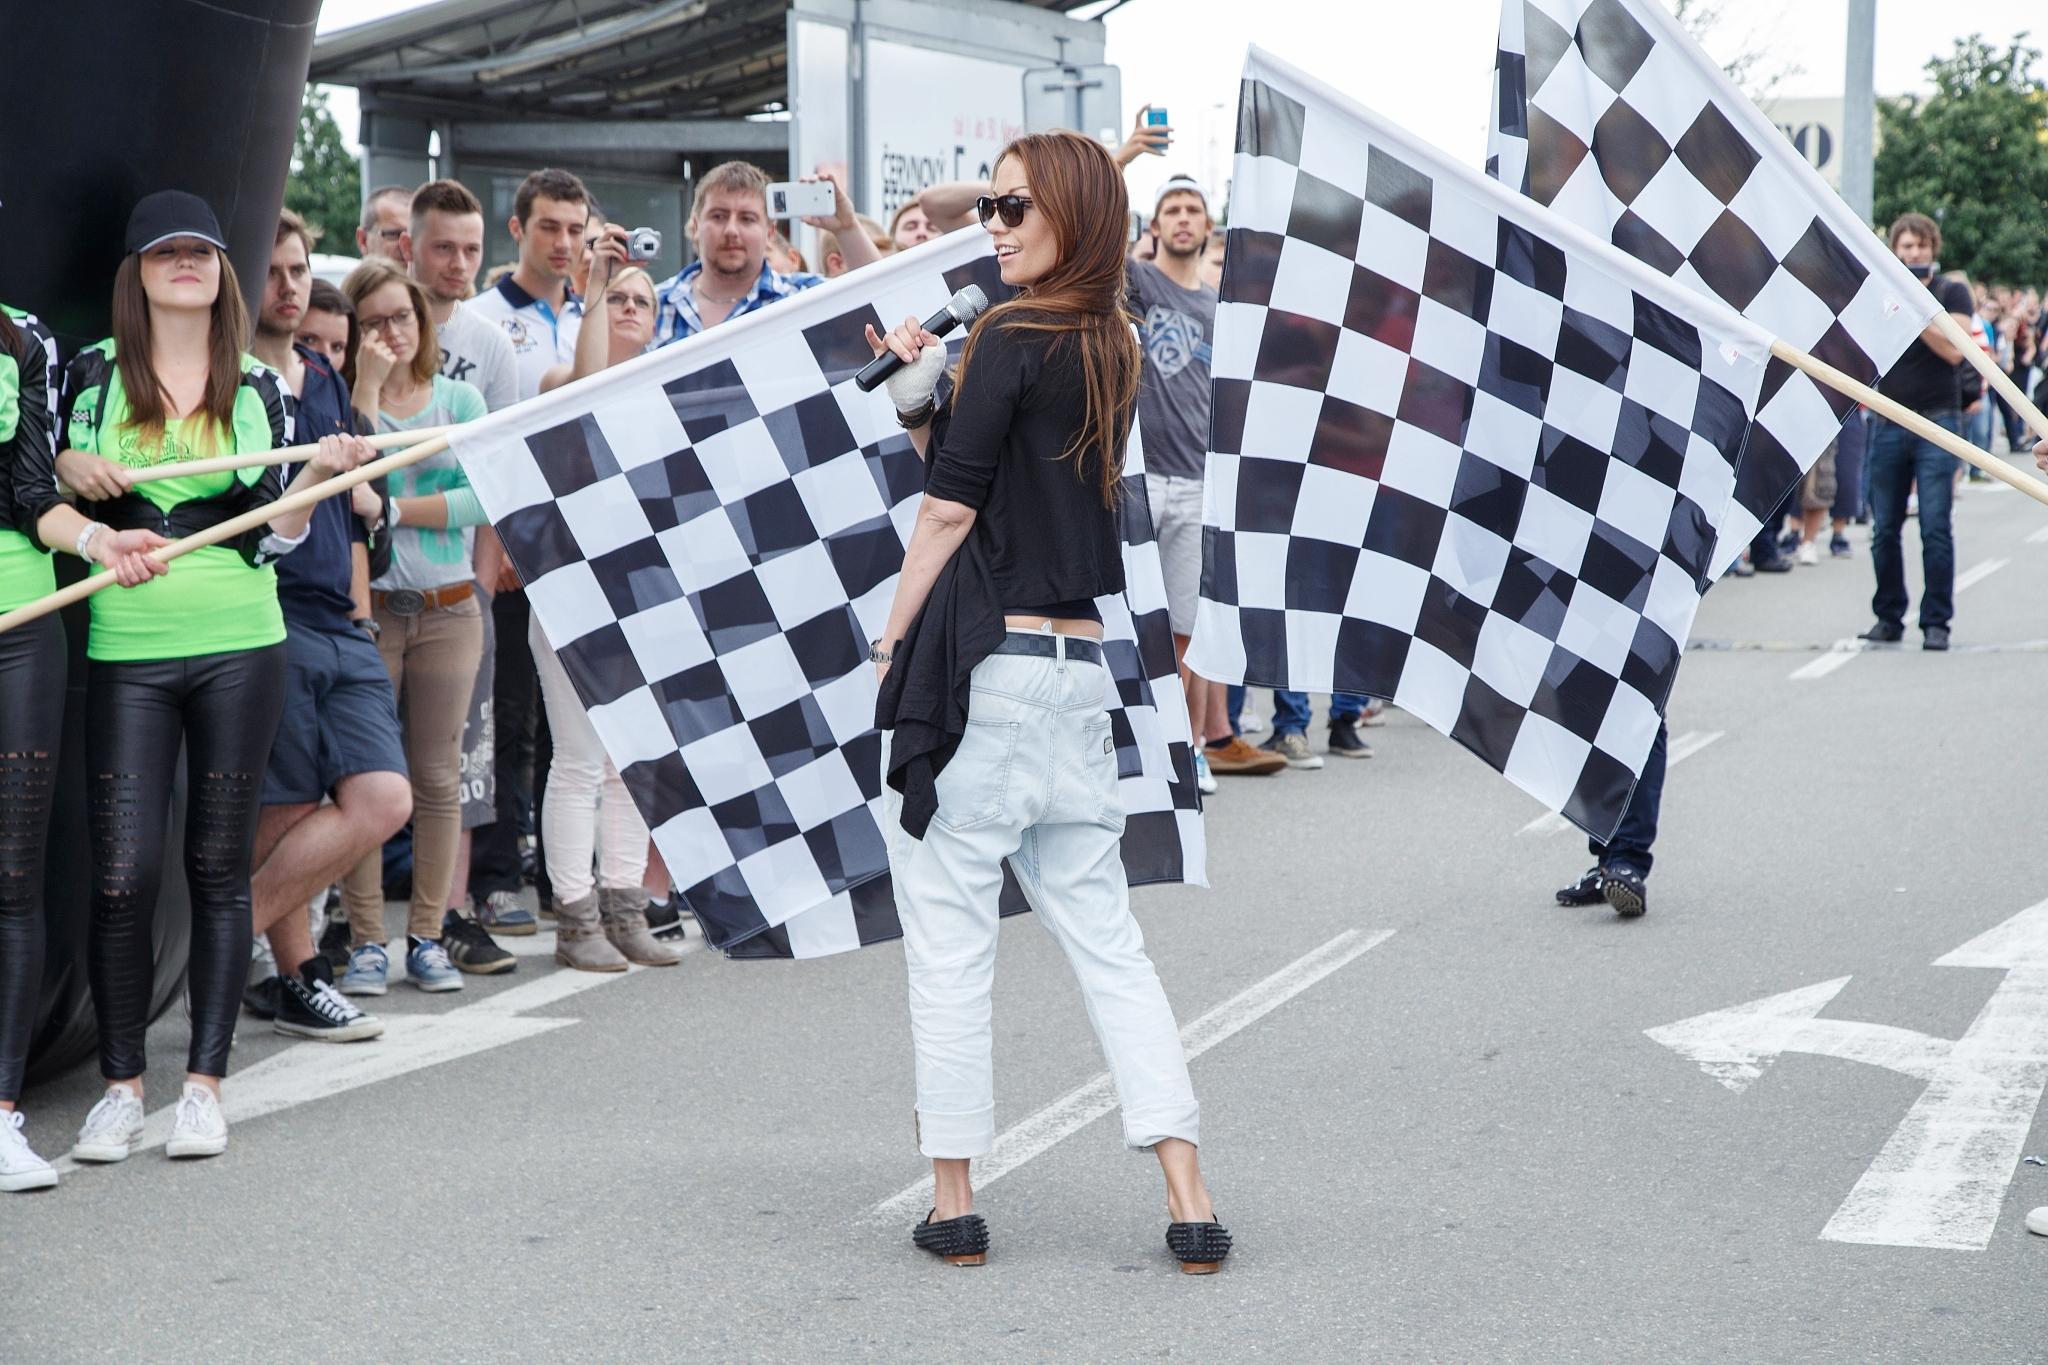 Diamond Race 2015 by Kateřina Skoupá